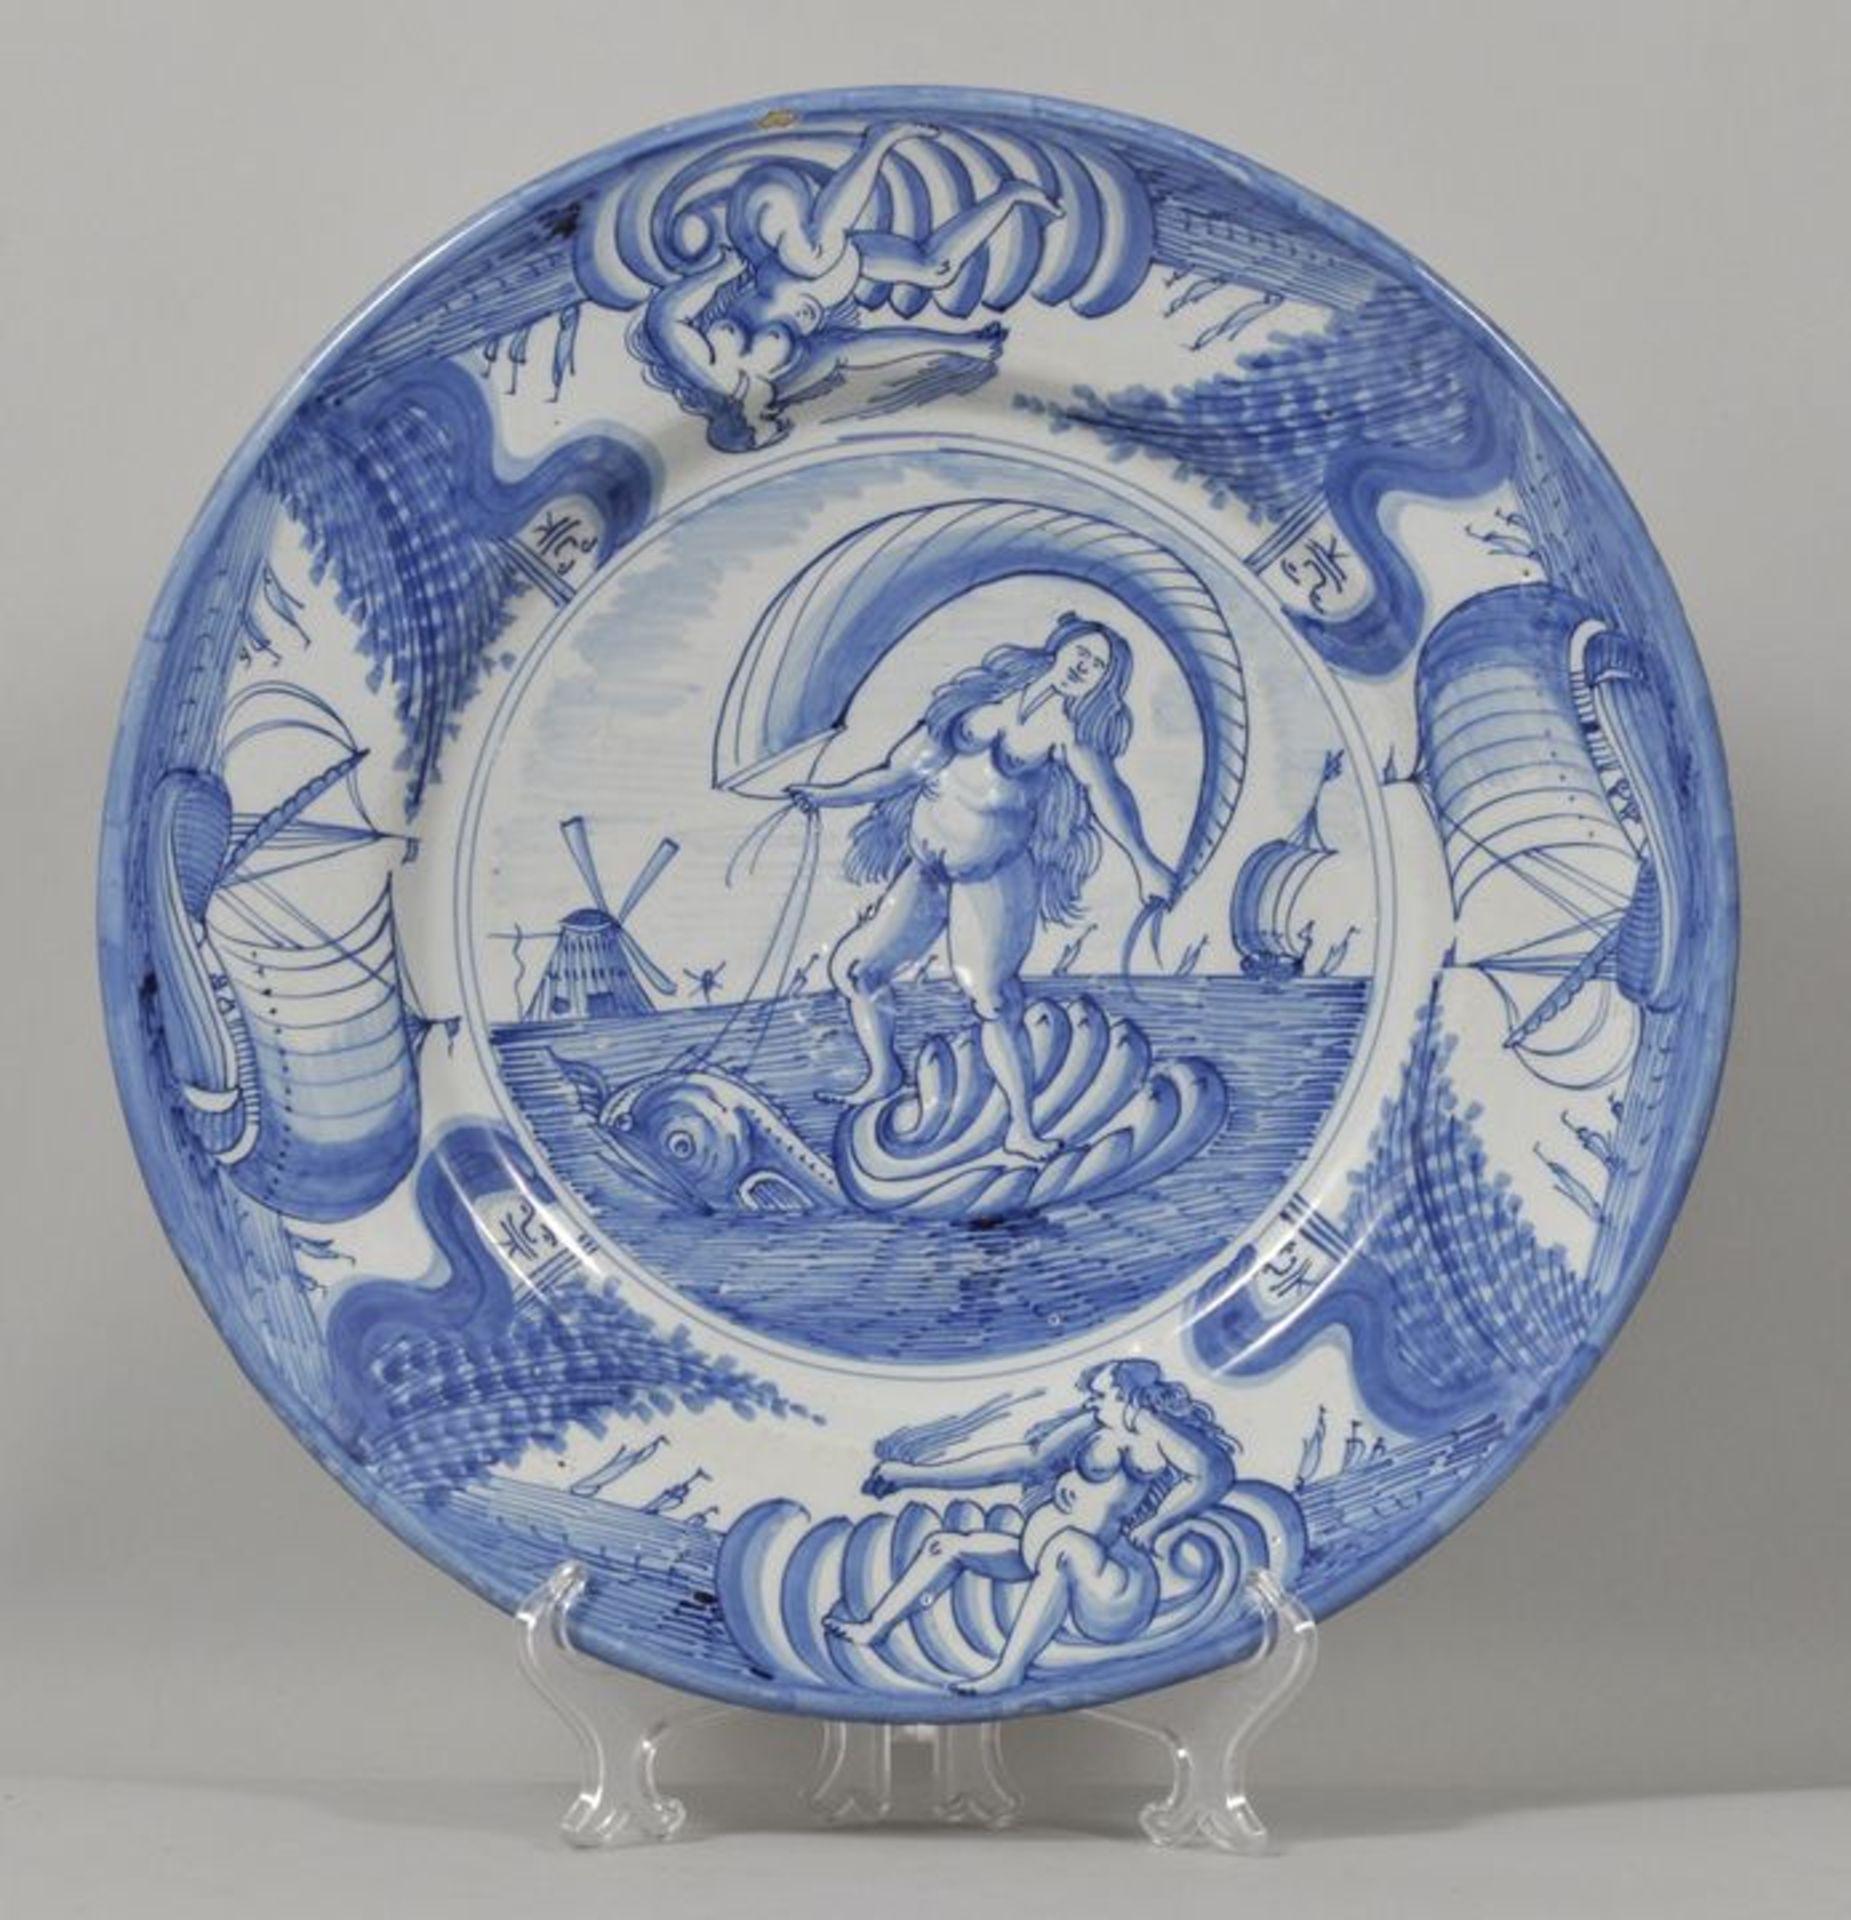 Los 8 - Runde Platte, Delft (?), 17./ 18. Jh.Fayence, in Blaumalerei auf weißer Glasur dekoriert: Im...